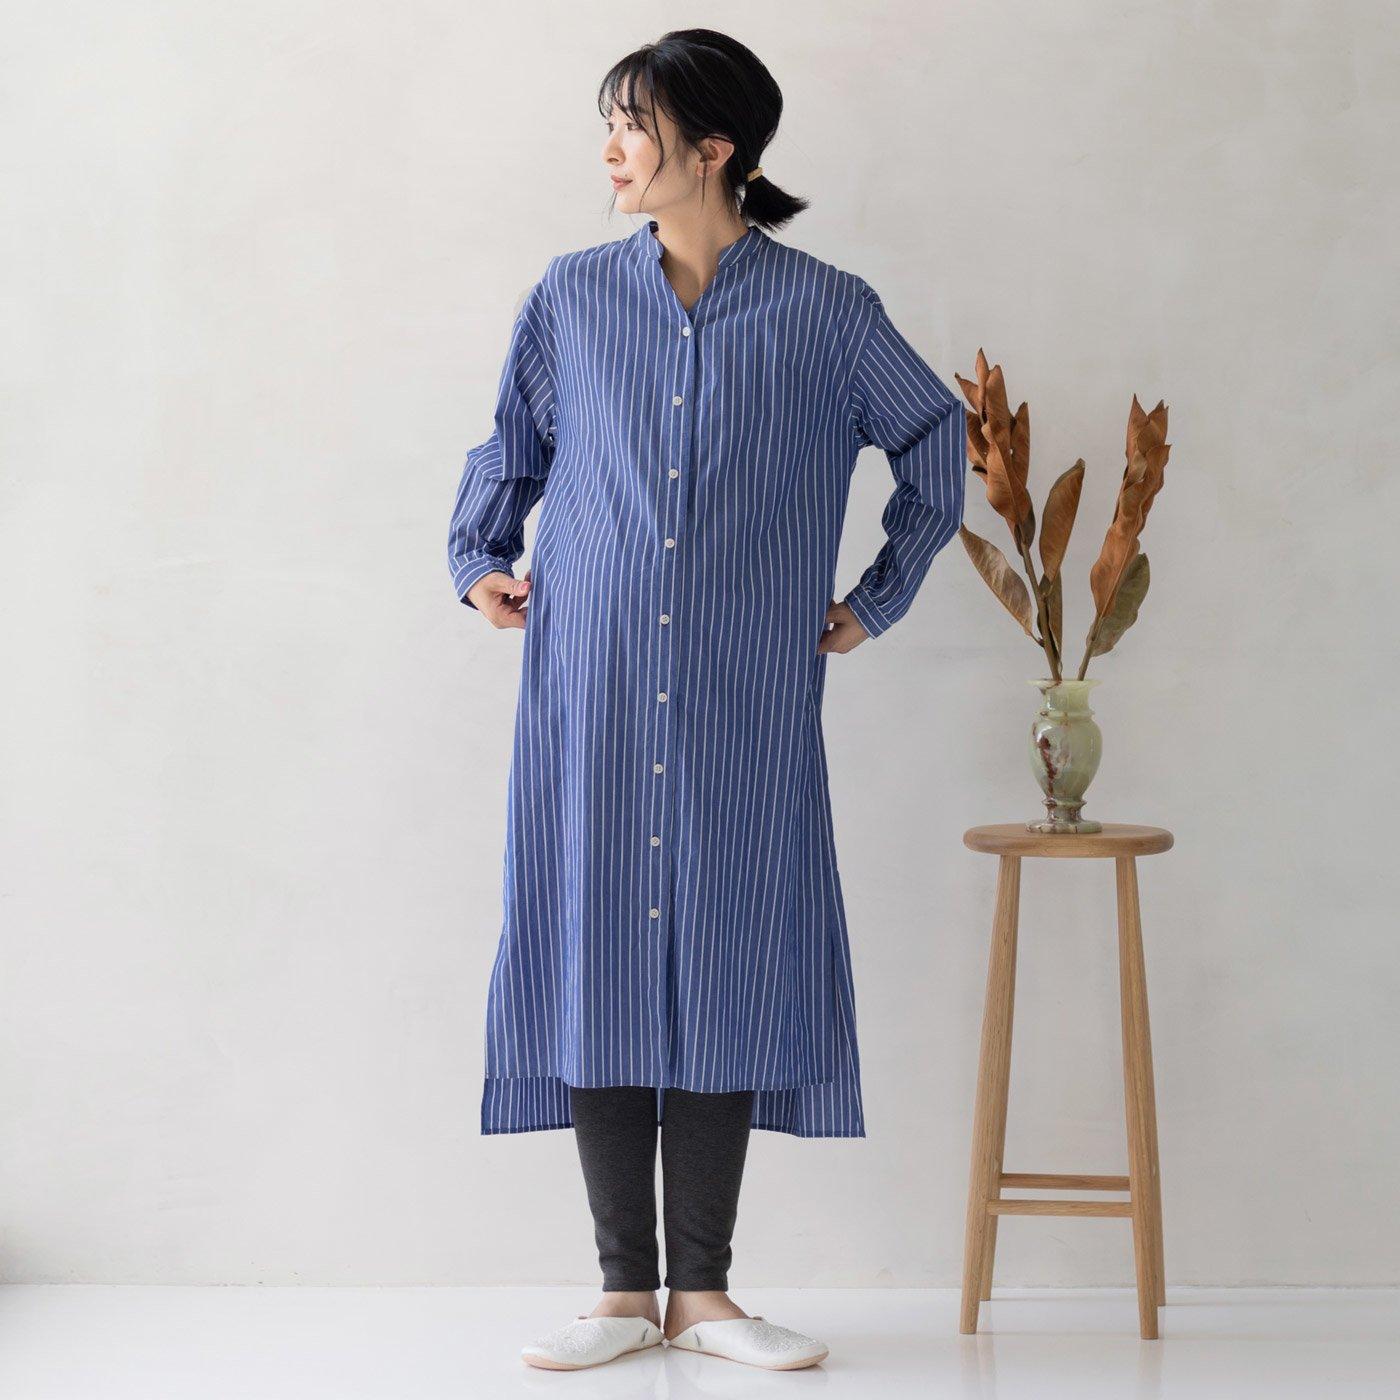 フェリシモMama マタニティから産後も使える ママによりそうストライプワンピースパジャマ〈ブルー〉